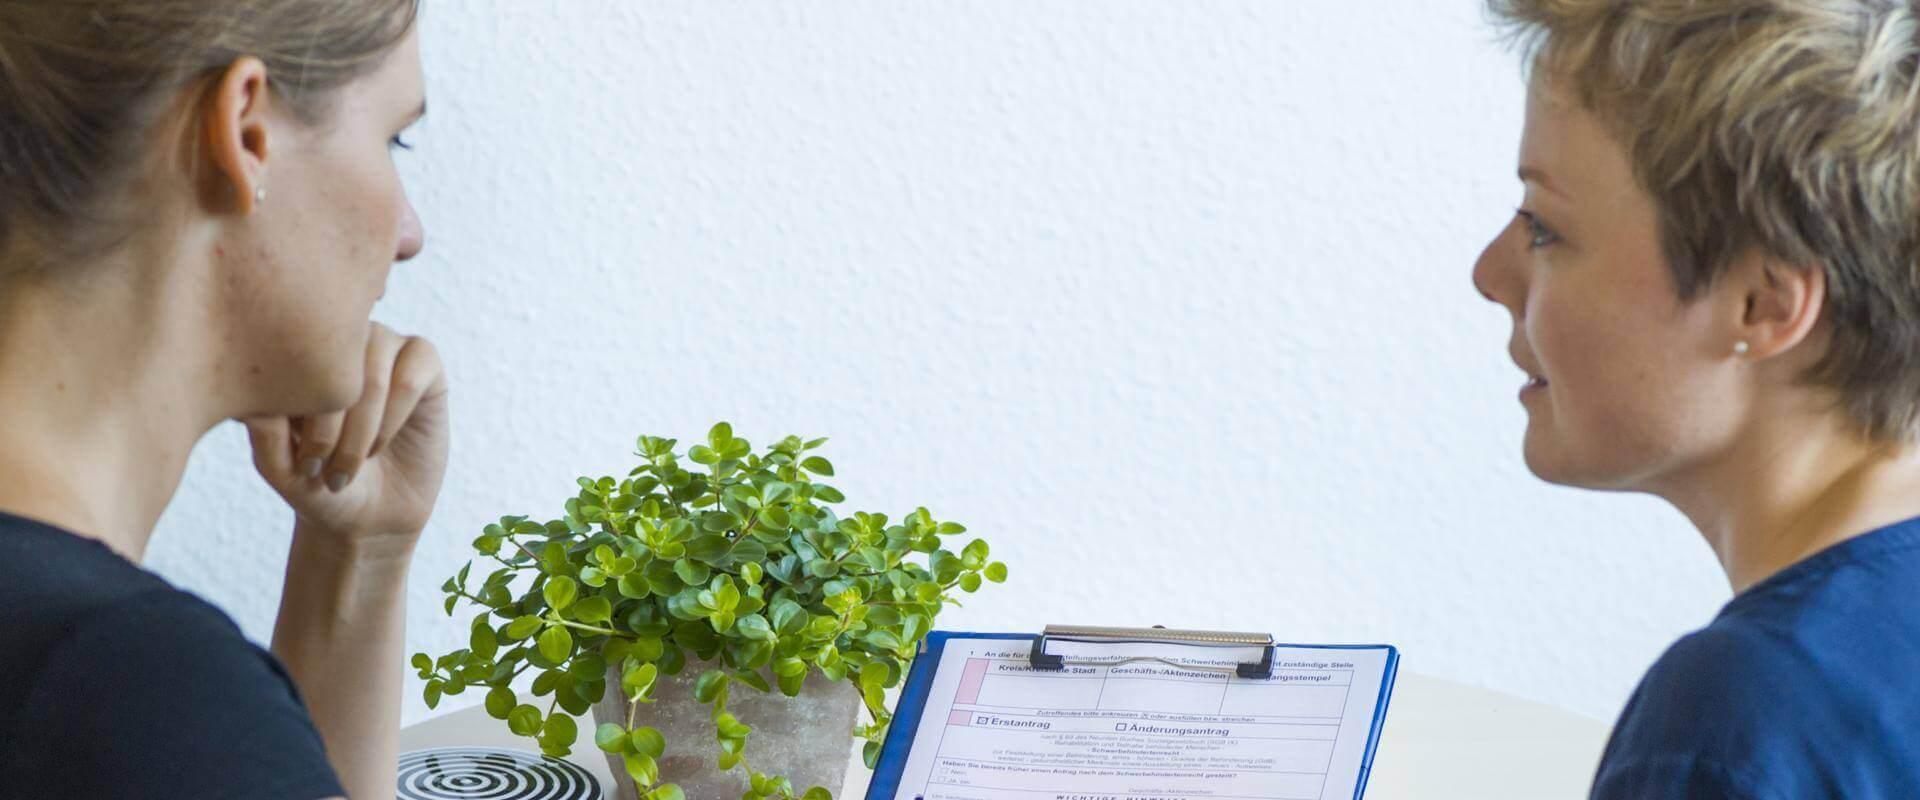 Anmeldungsliste wird von zwei Therapeutinnen gelesen in der MEDIAN Klinik Daun - Altburg